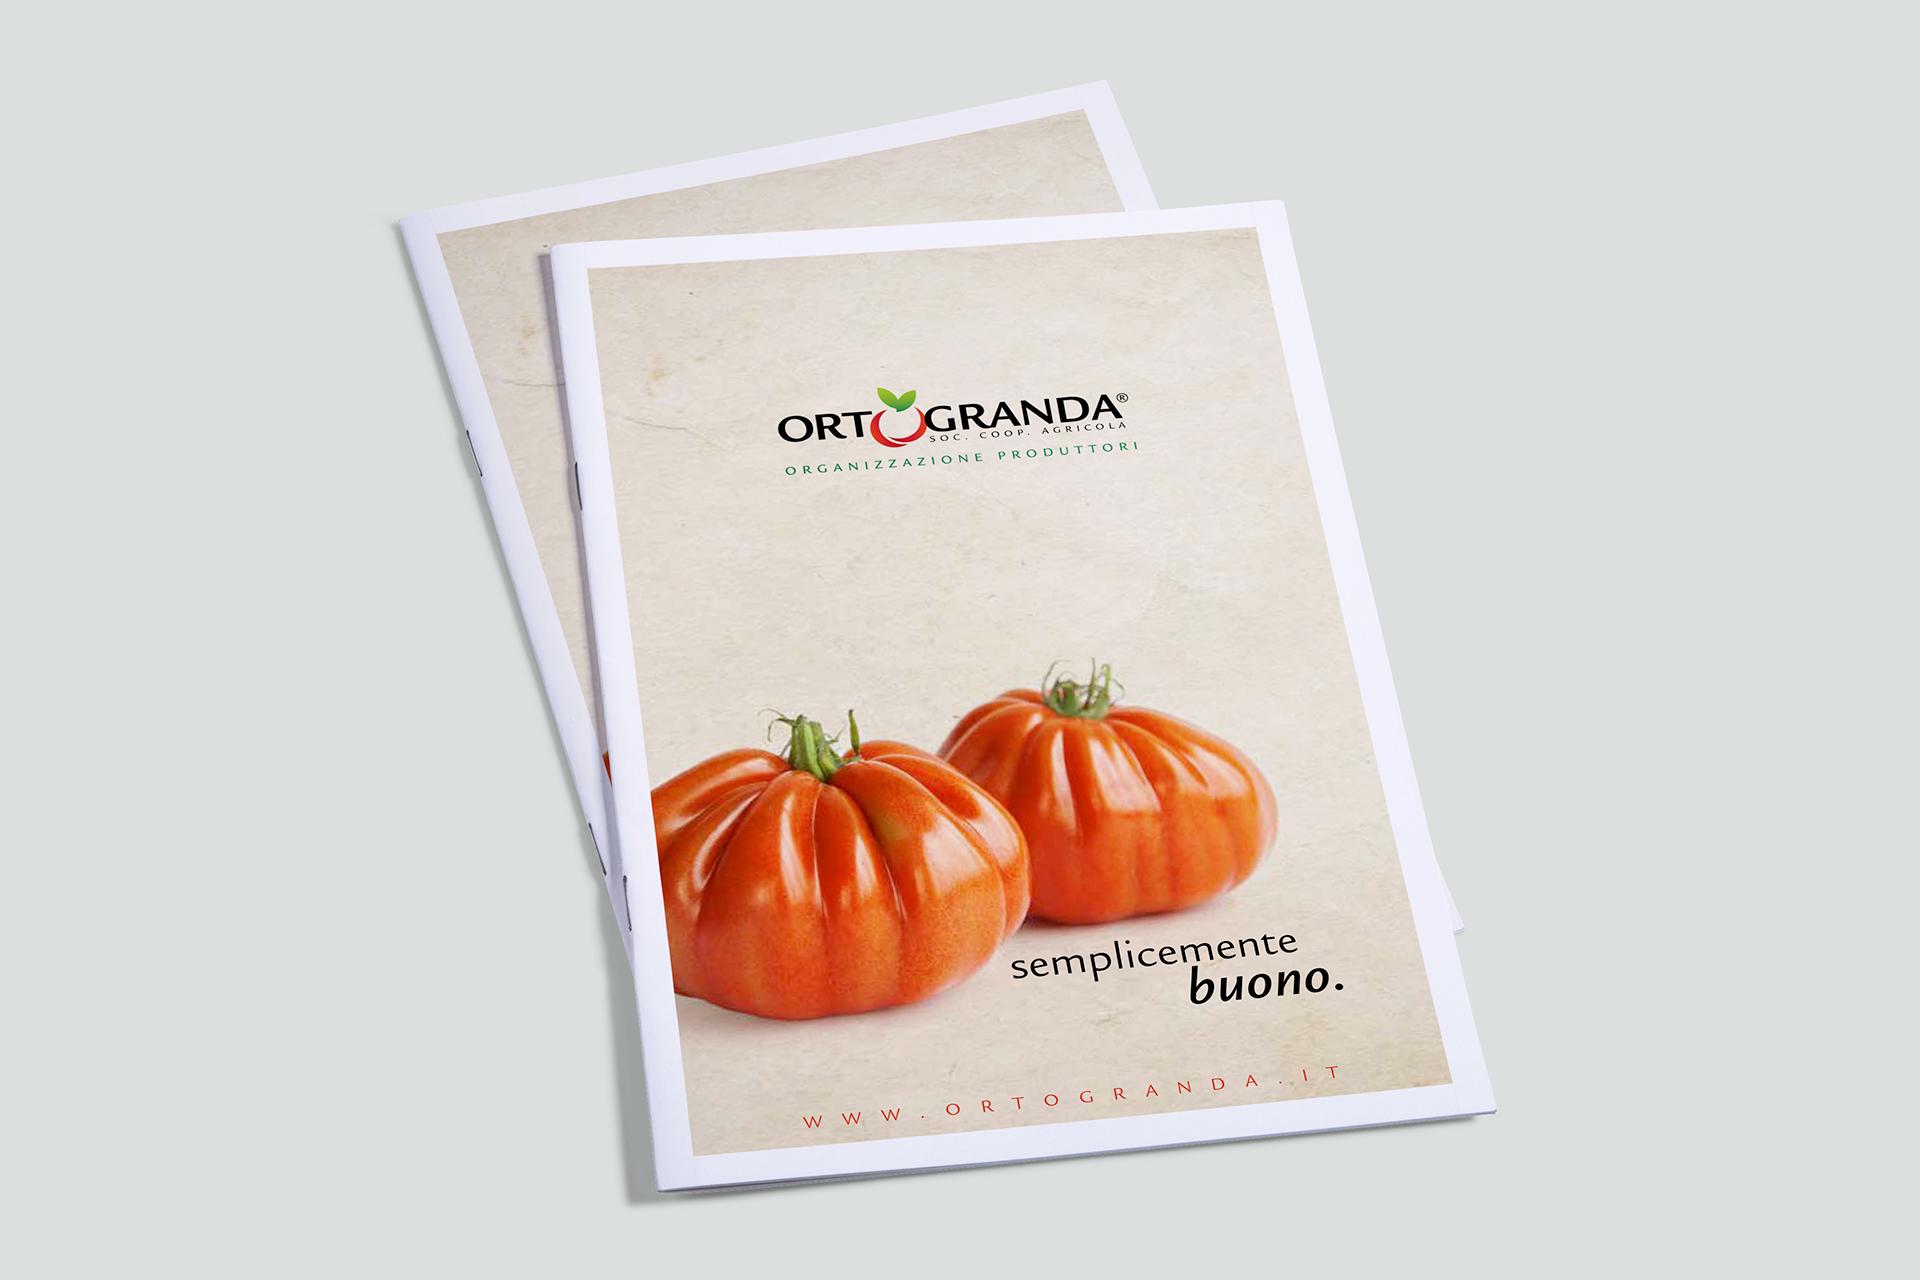 Ortogranda